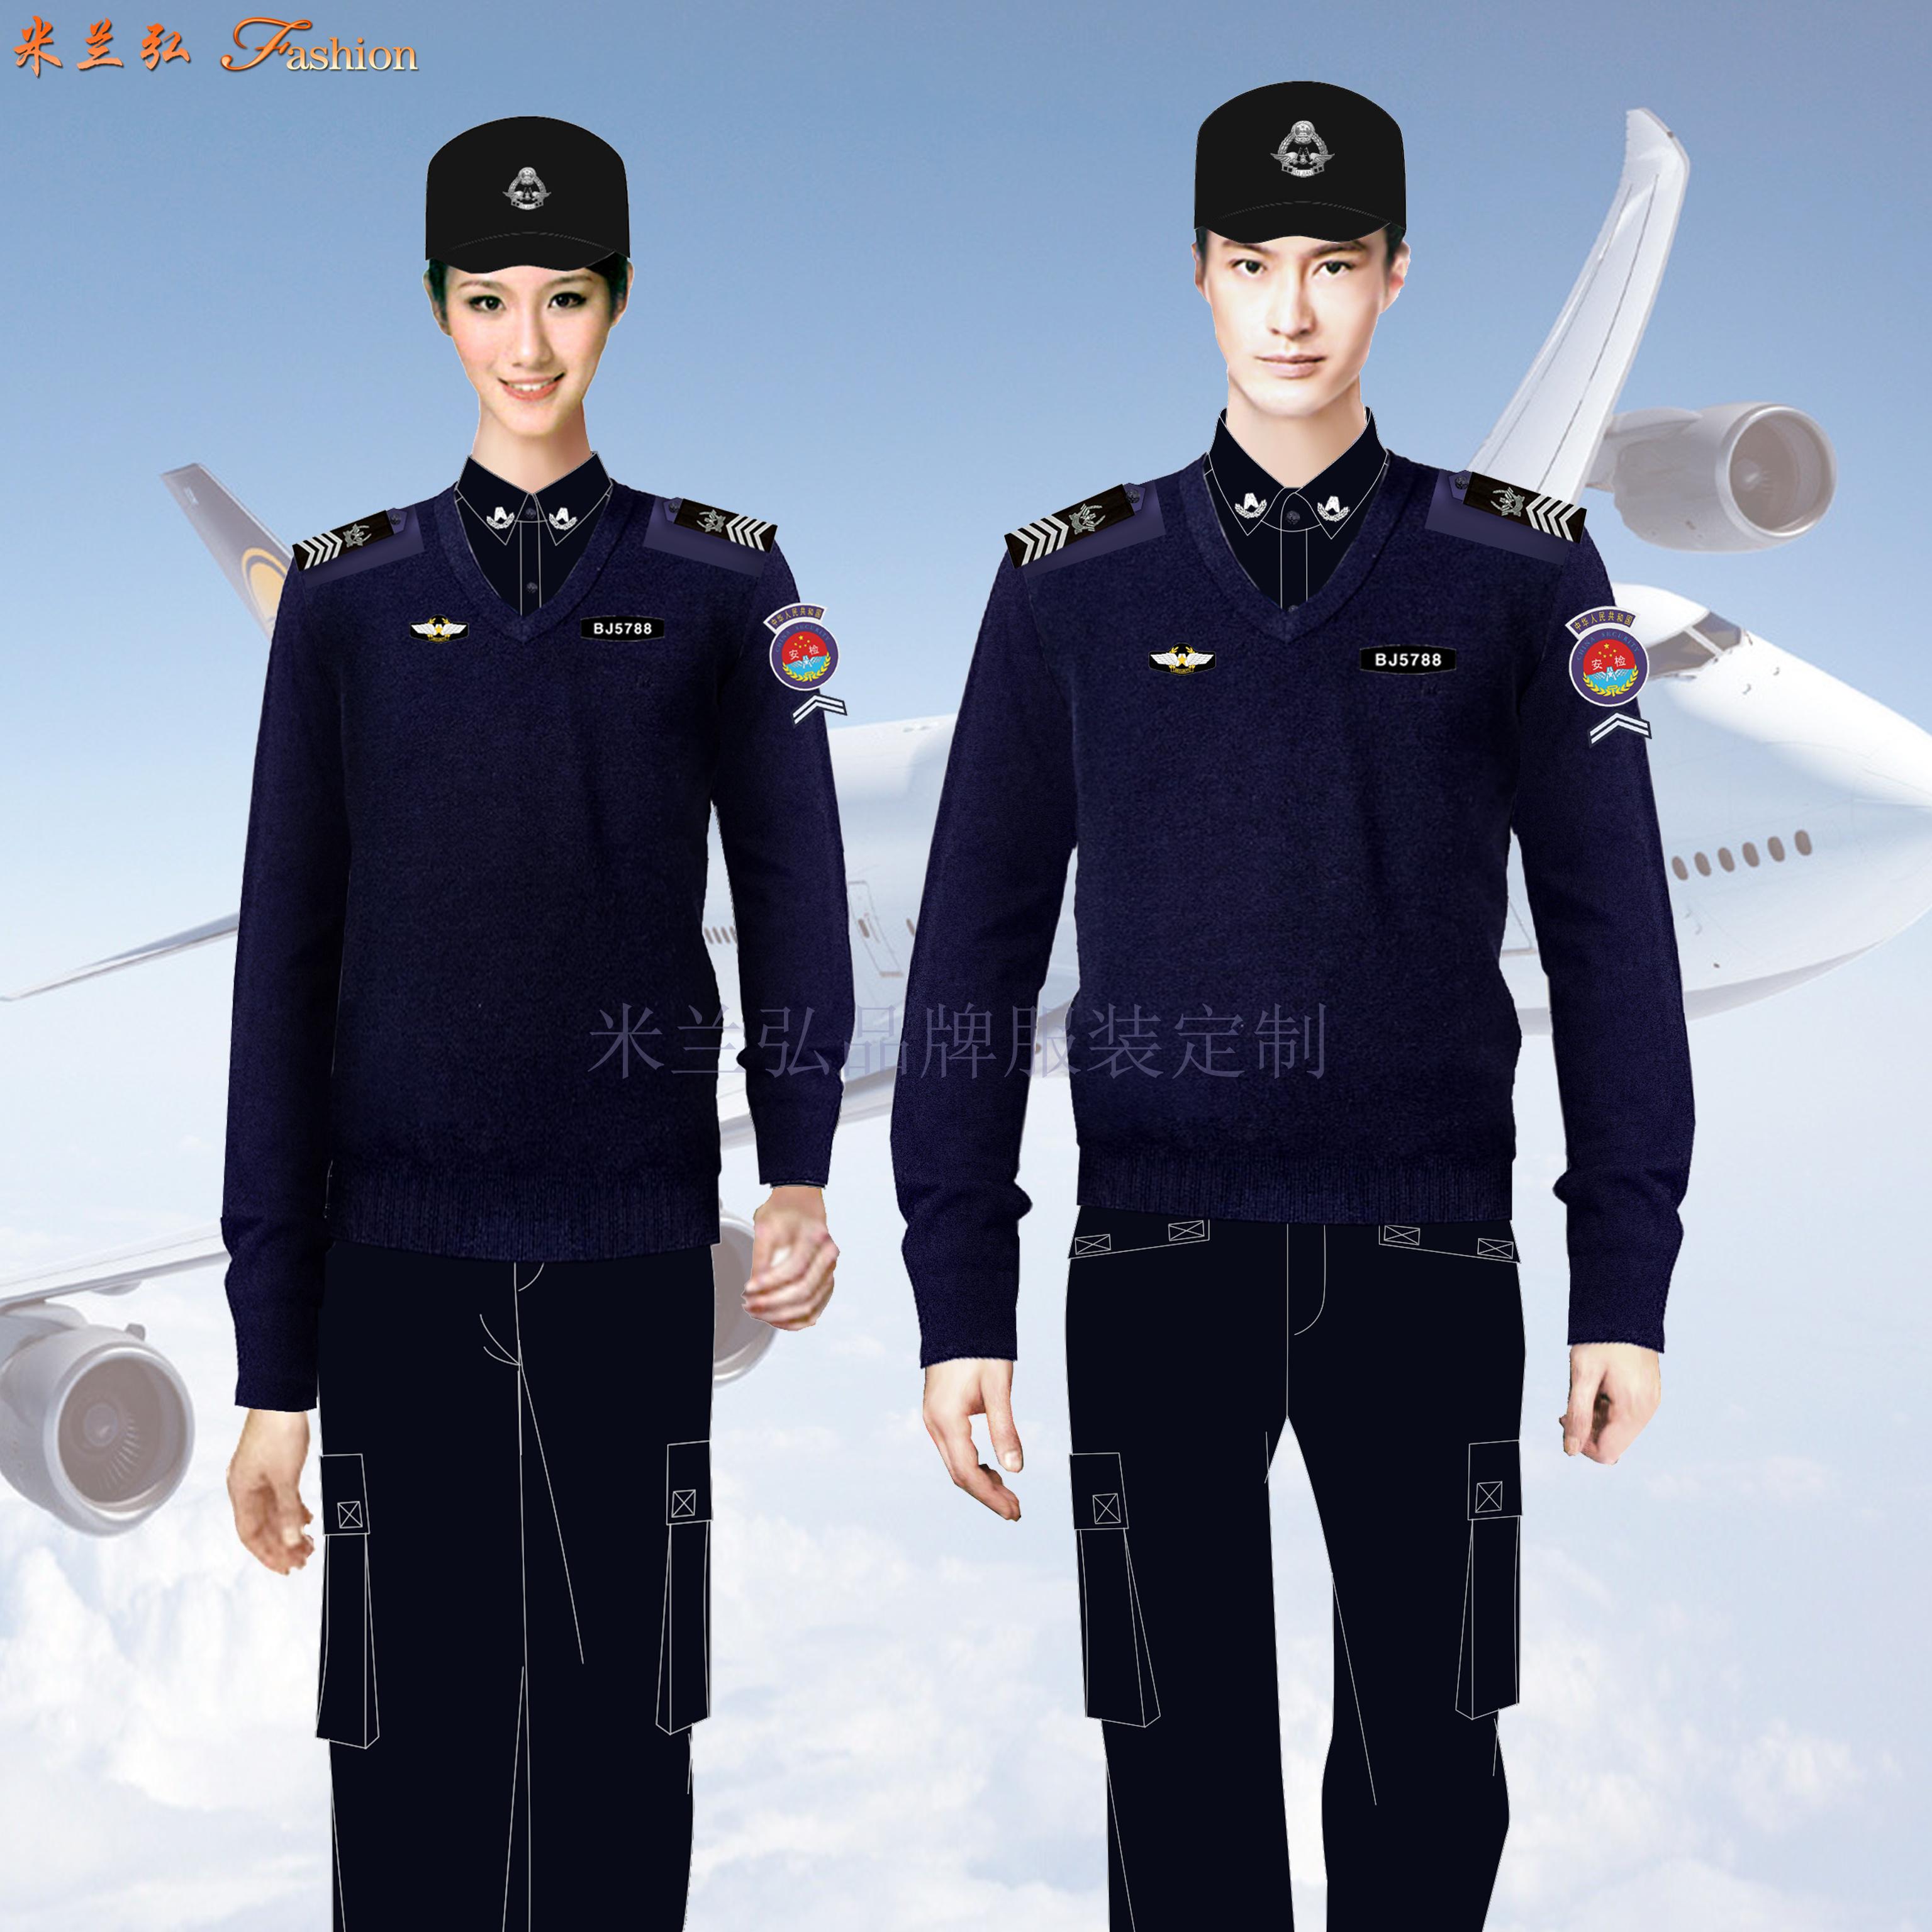 陕西量身定制机场安检服_10CA安检服订制_09式夹克安检服定做-1